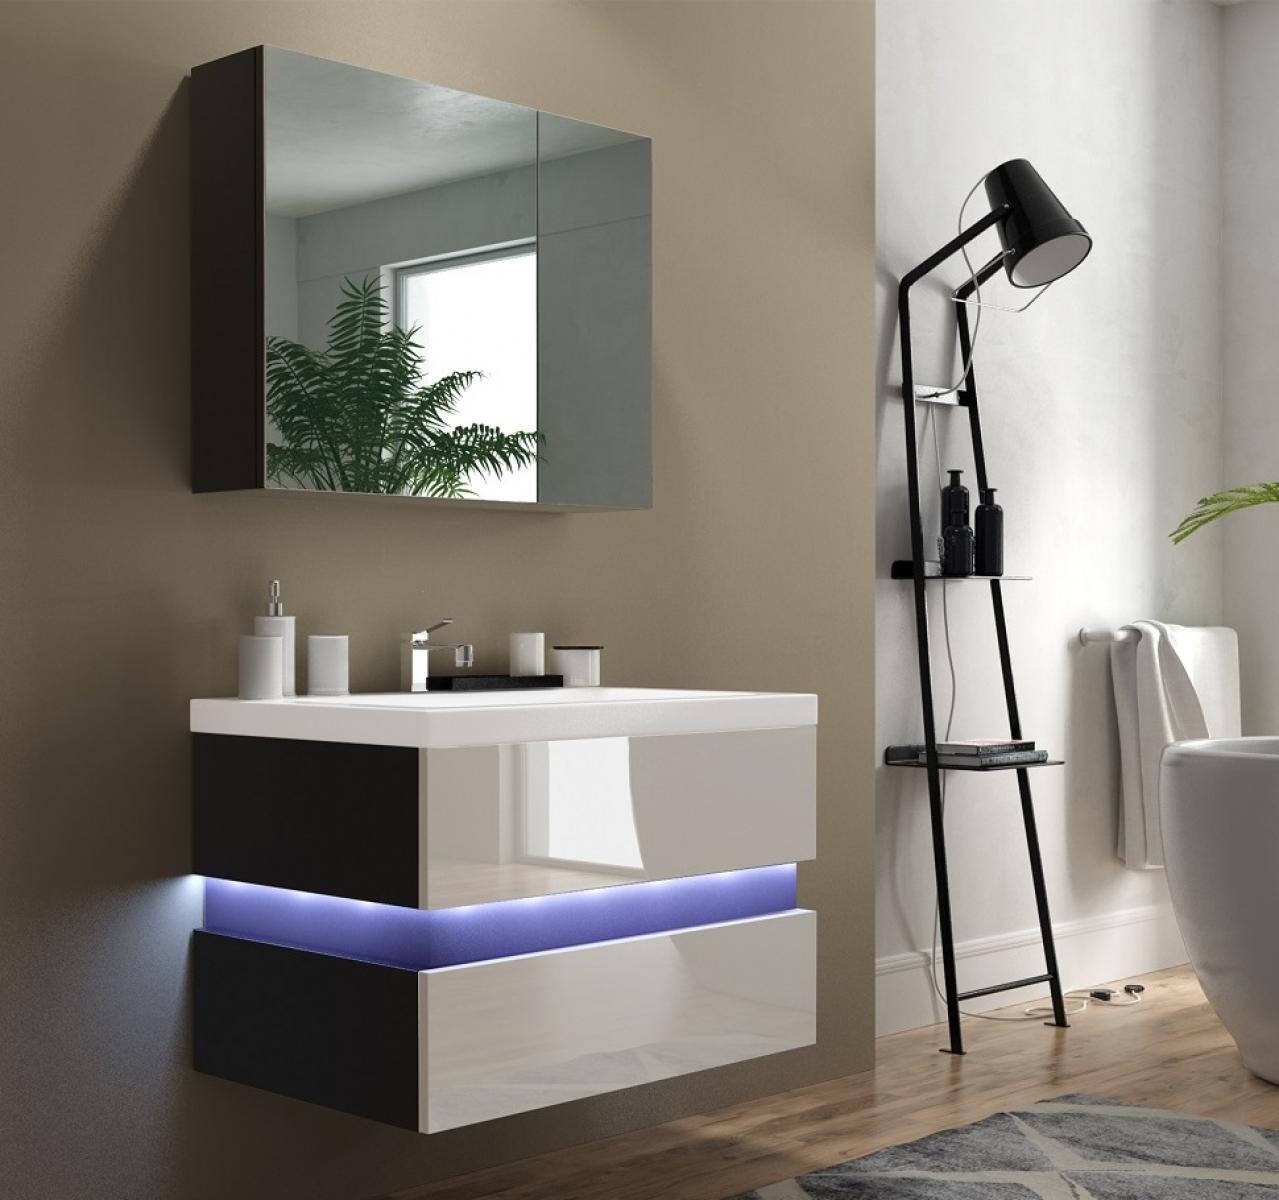 Badmöbel Set Flow Lackiert Weiß Hochglanz/Schwarz KERAMIK Waschbecken  Badezimmer Led Beleuchtung Badezimmermöbel Keramikbecken